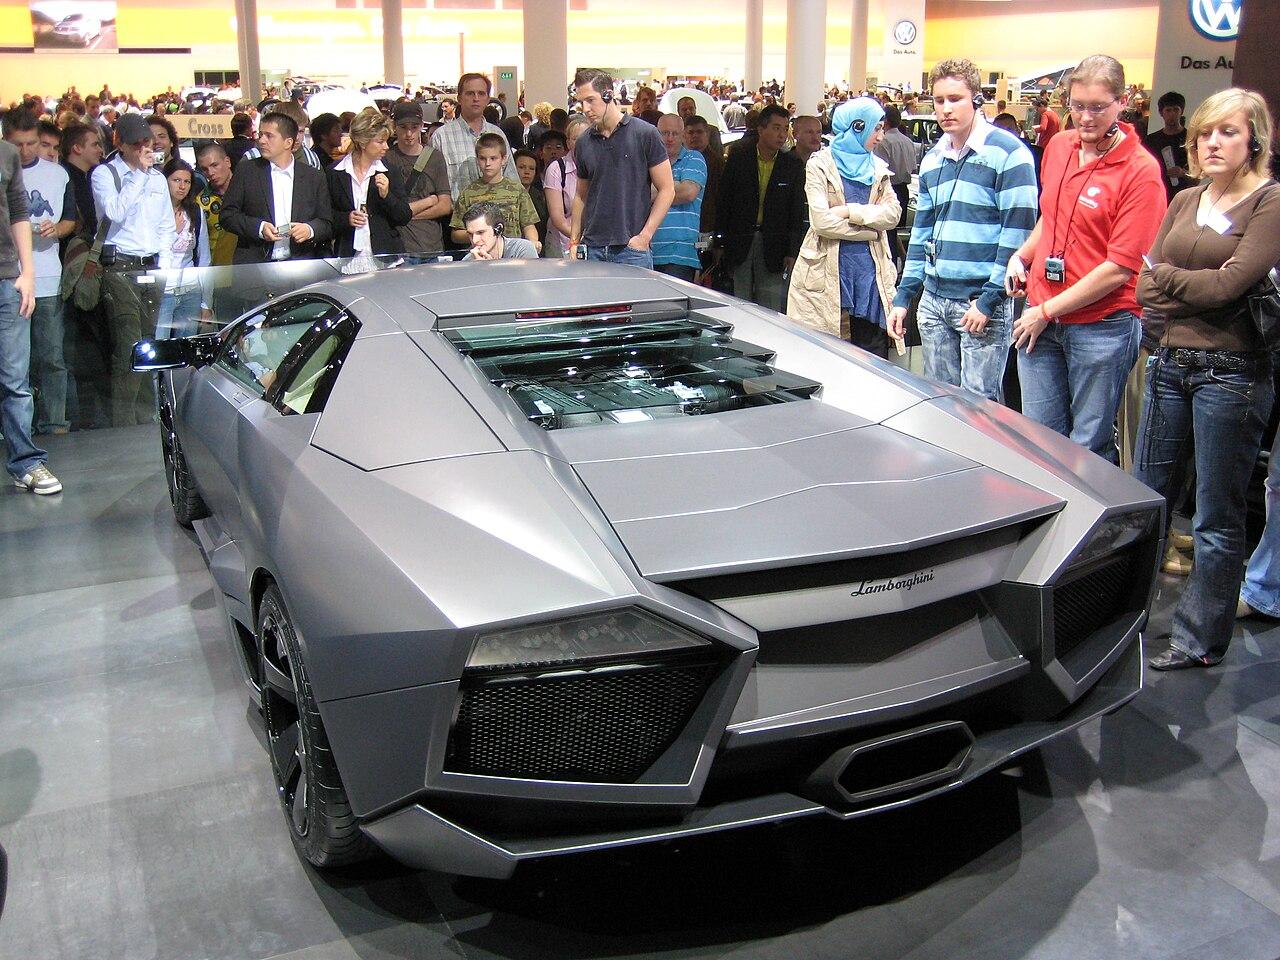 Lamborghini Reventón - vista de trás.